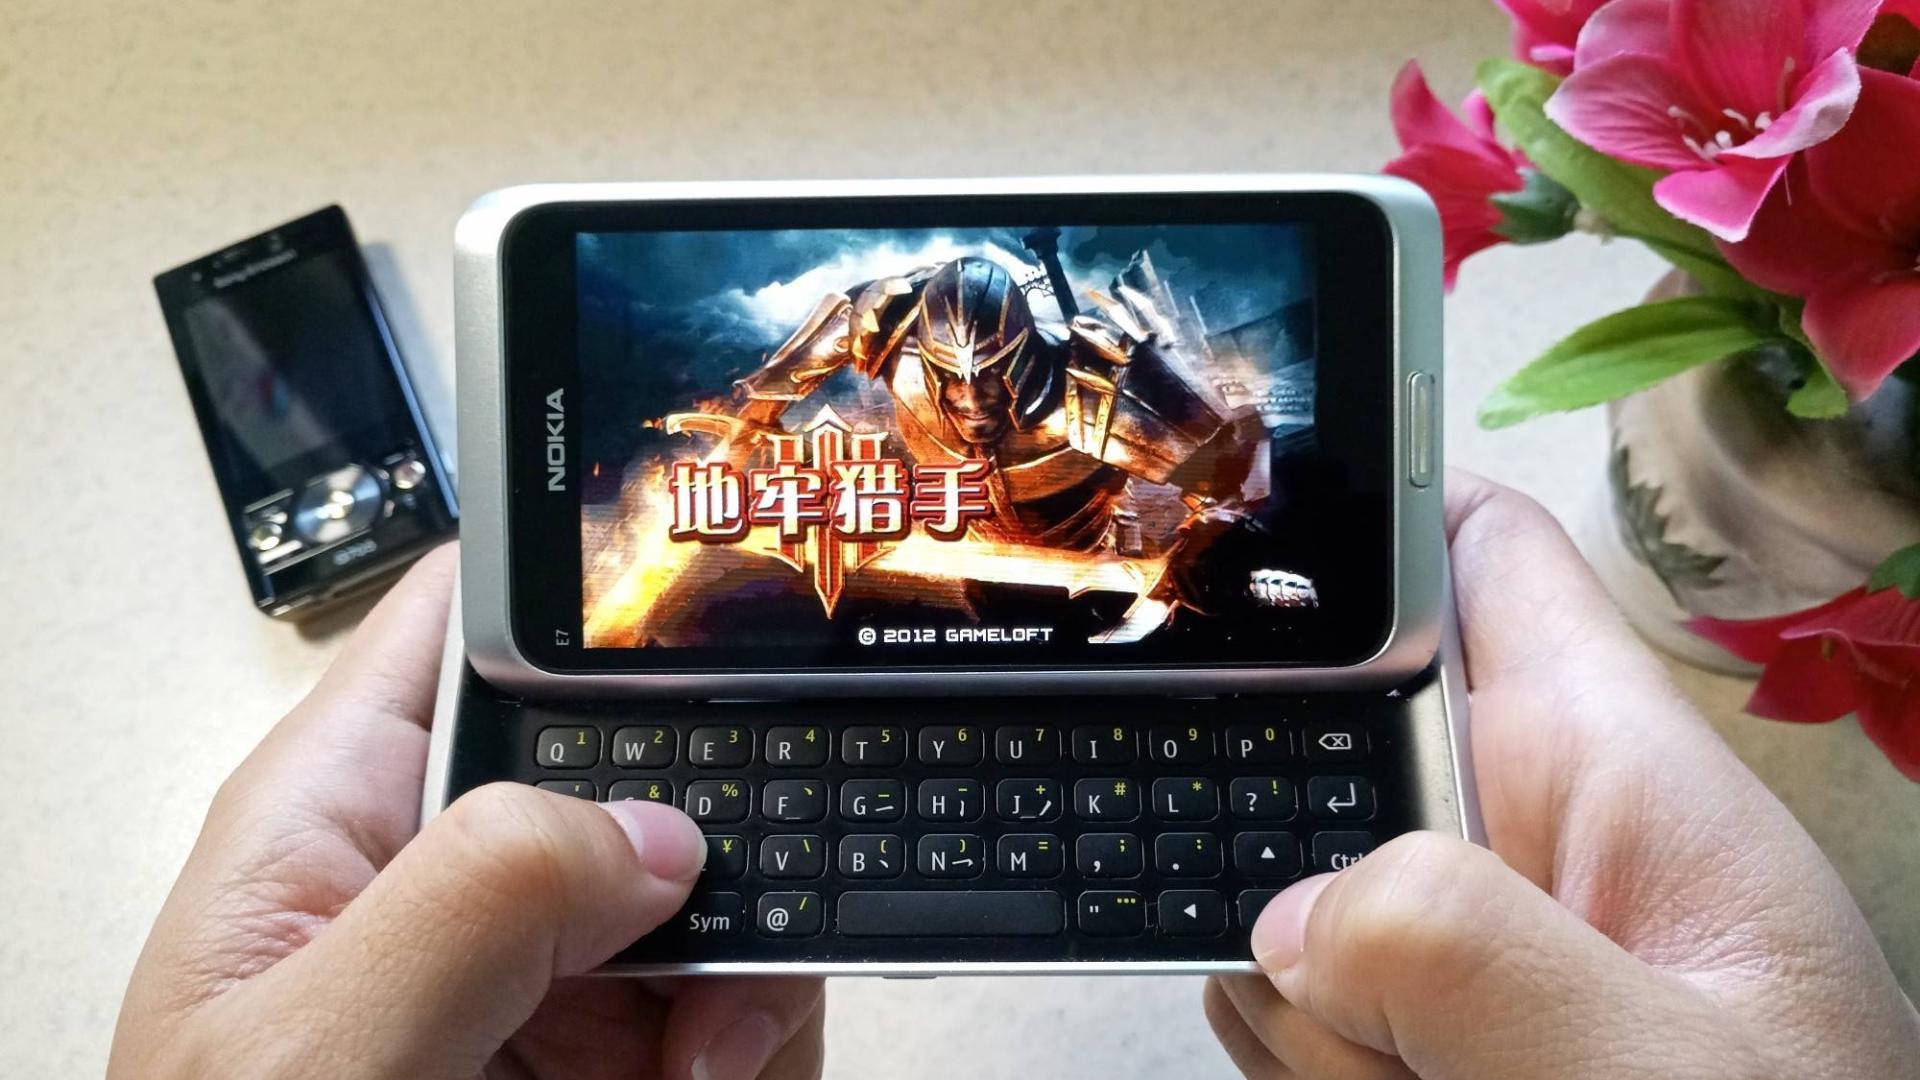 玩法酷似《暗黑破坏神》,塞班经典动作角色扮演游戏《地牢猎手》